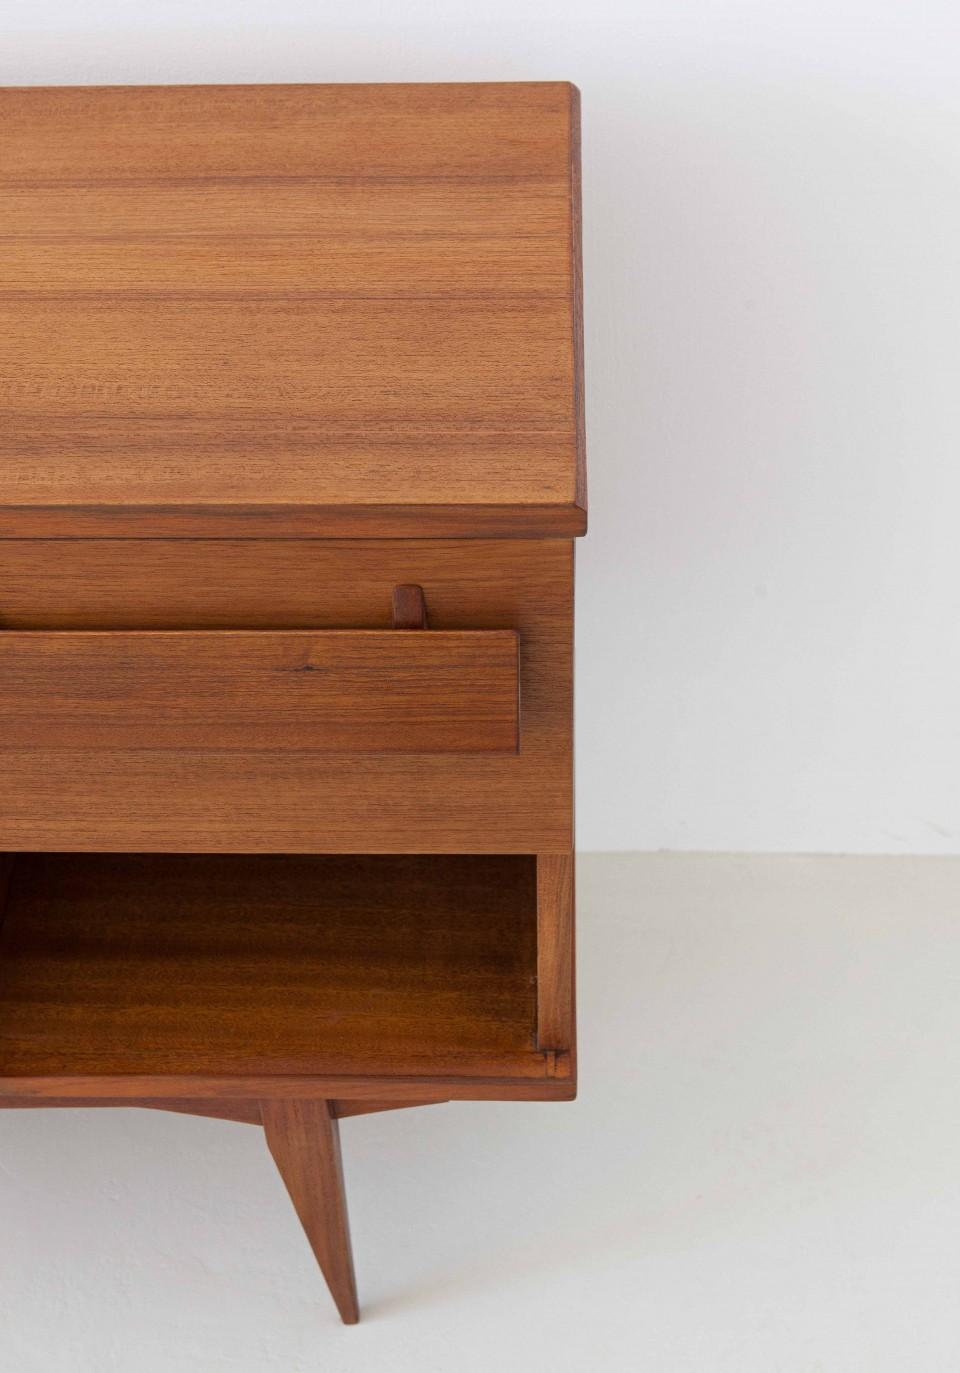 1950s-italian-teak-sideboard-5-ST113